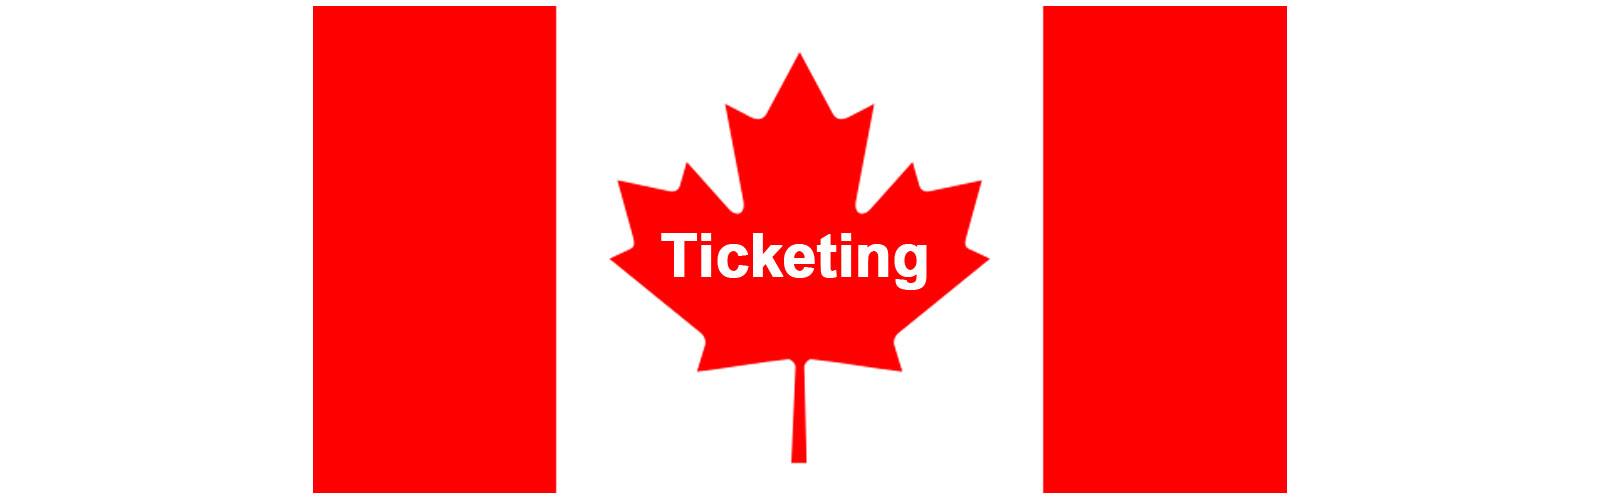 ticketing-canada